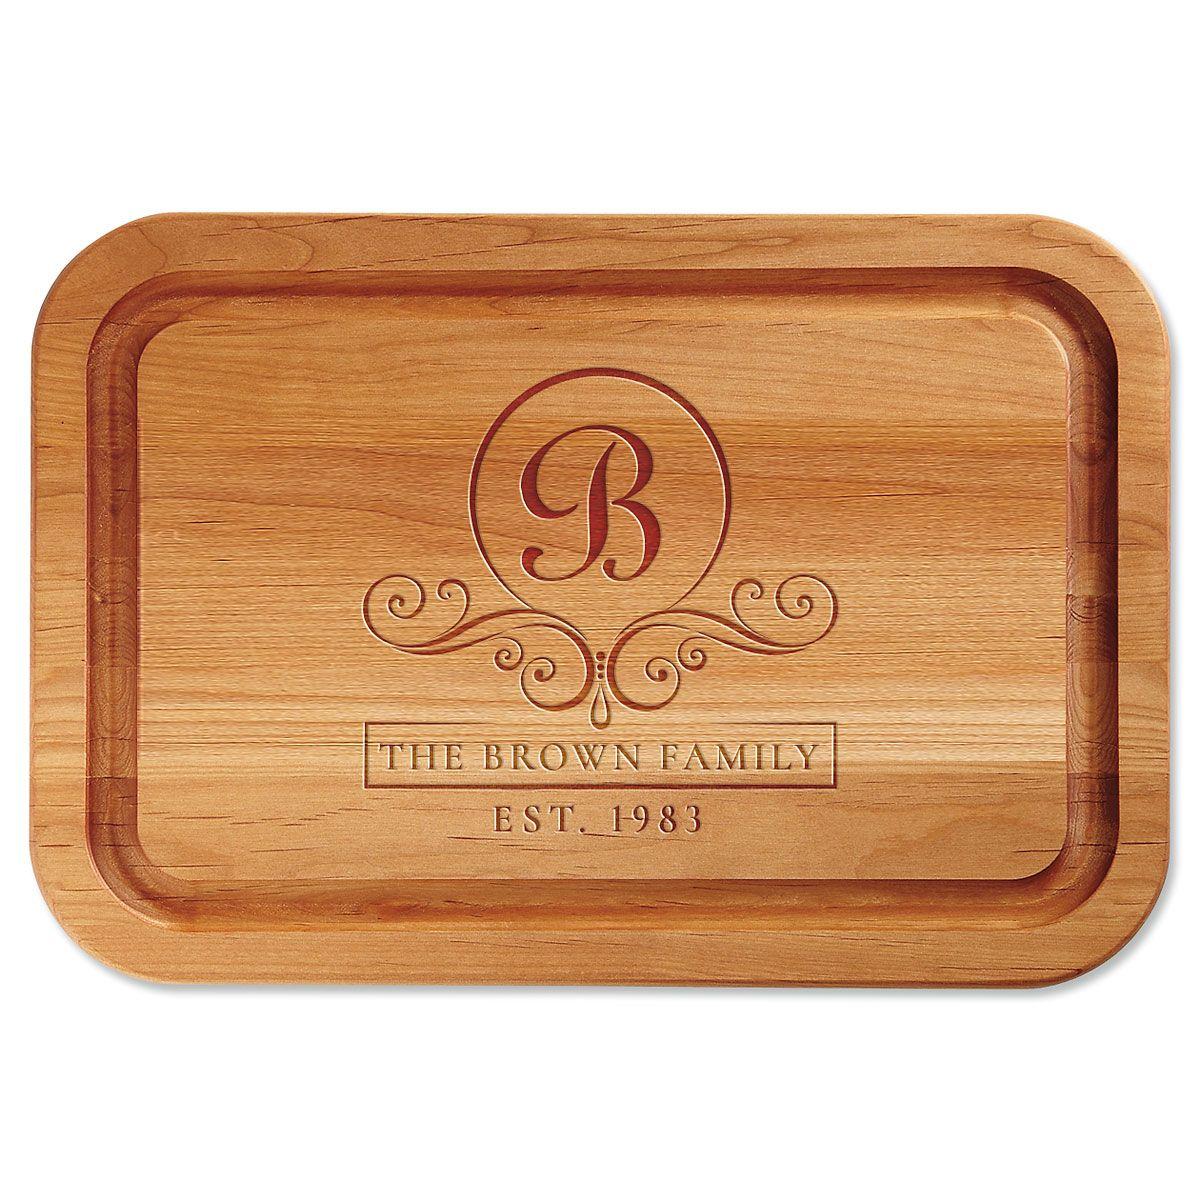 Flourish Scroll Engraved Alder Wood Cutting Board